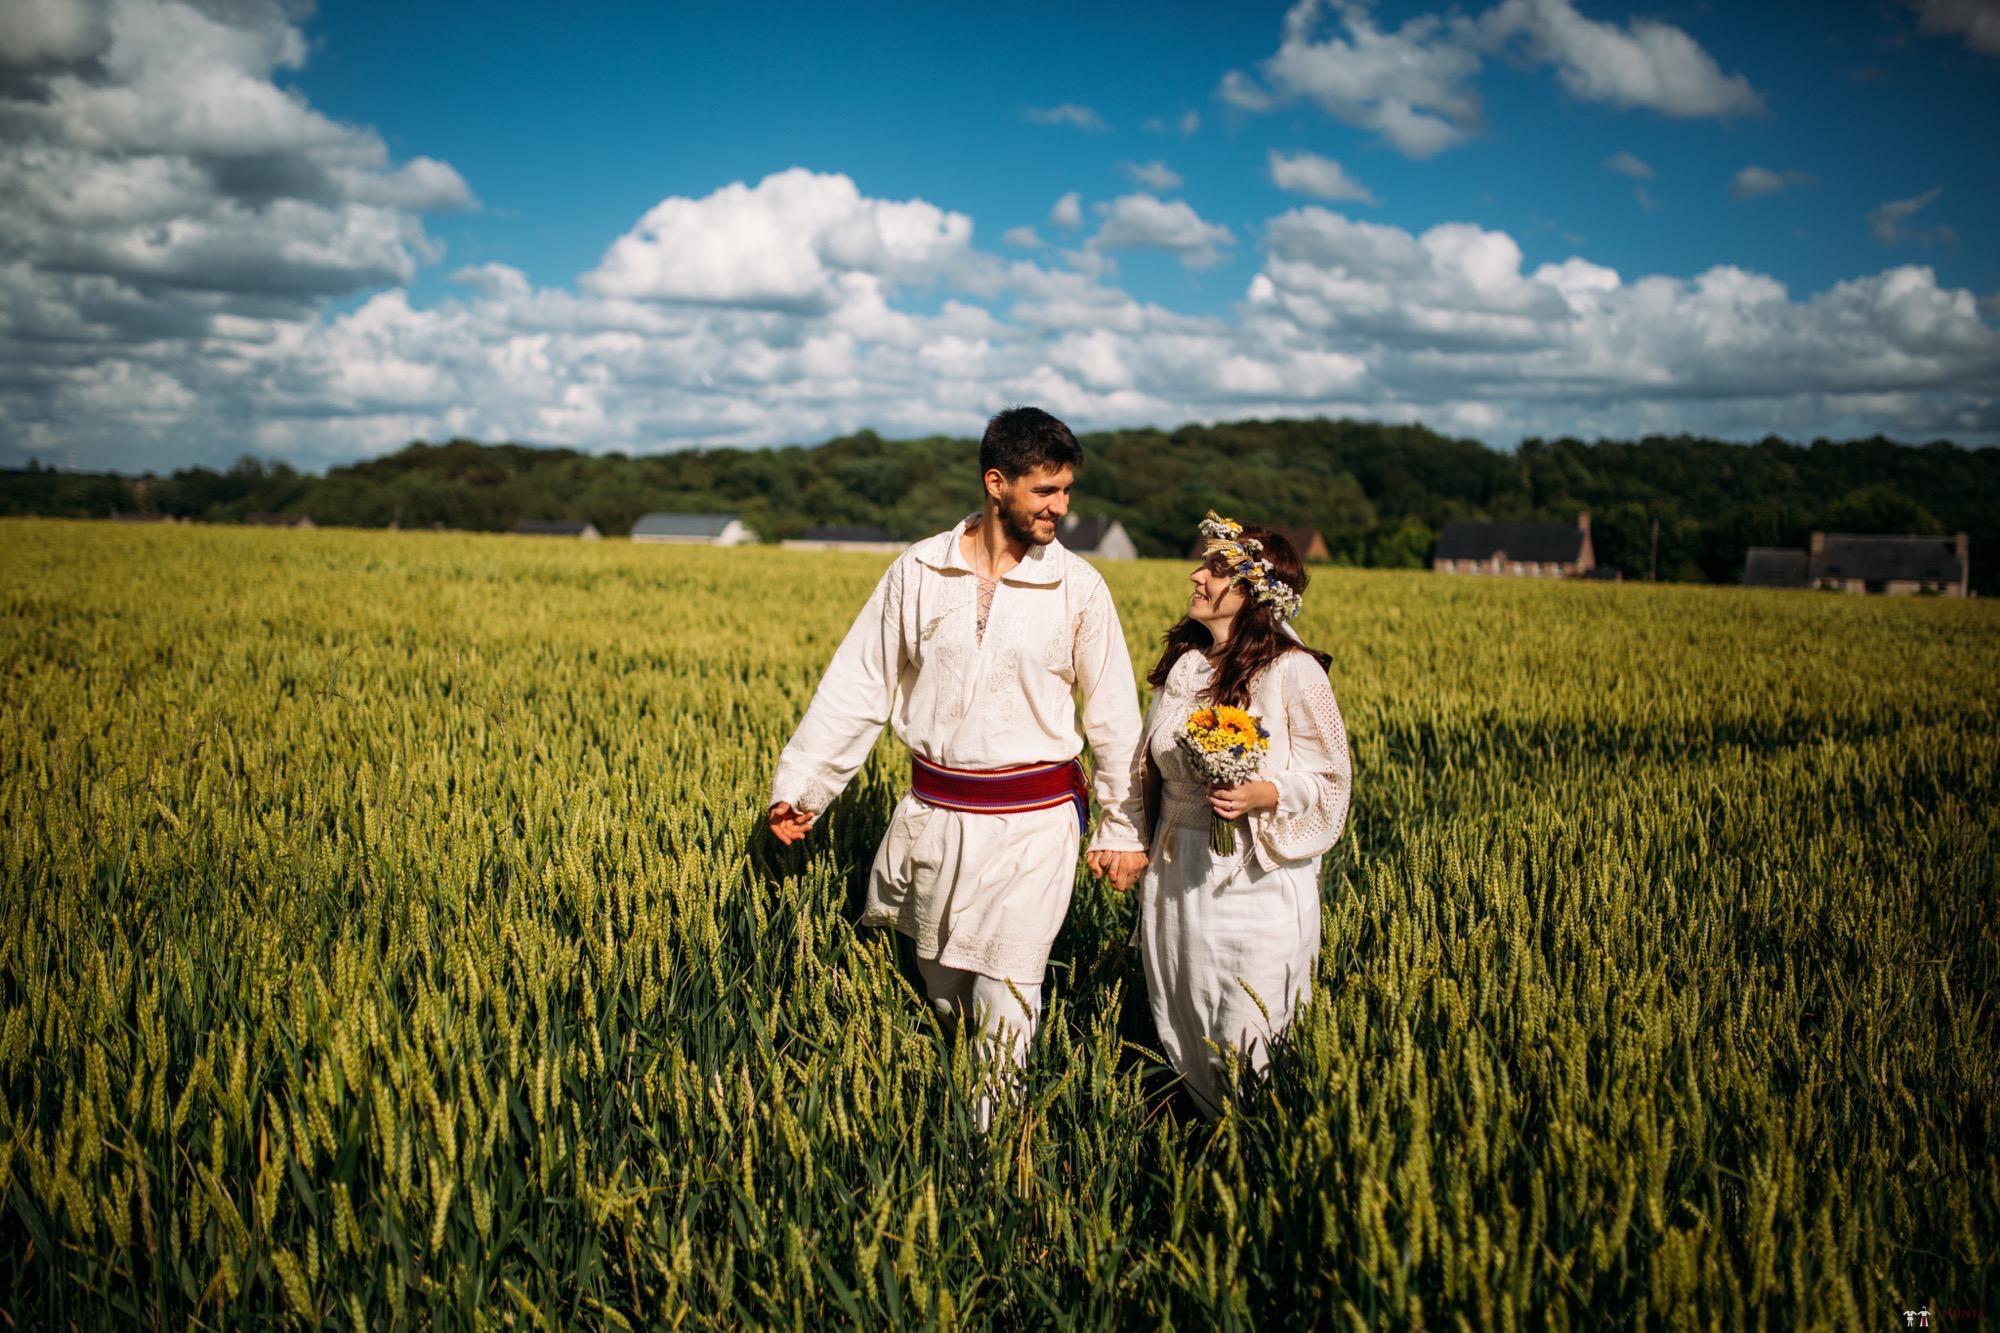 Povești Nunți Tradiționale - Gabriela și Iulian. Nuntă românească în Belgia. 16